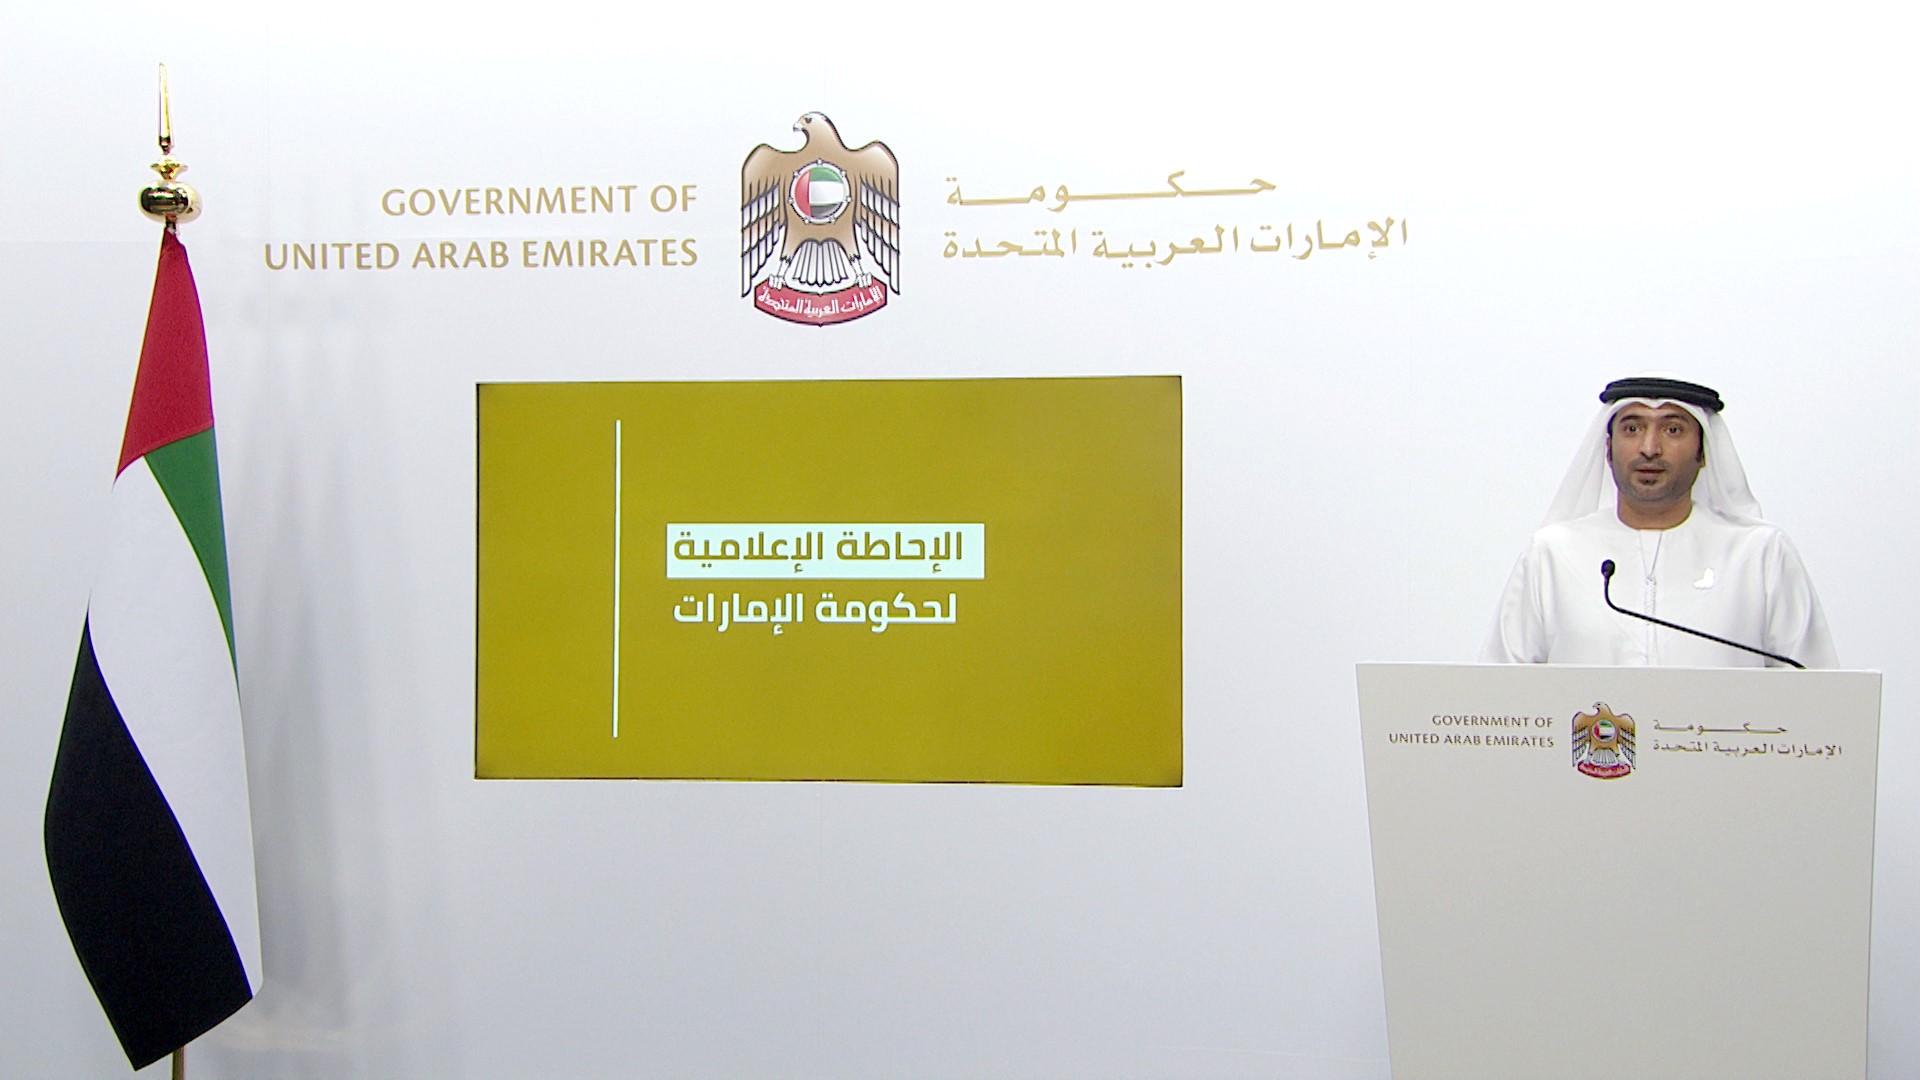 الإحاطة الإعلامية لحكومة الإمارات حول كوفيد- 19: ارتفاع شعور المجتمع بالطمأنينة والثقة بإجراءات الدولة تجاه كورونا إلى 95 %